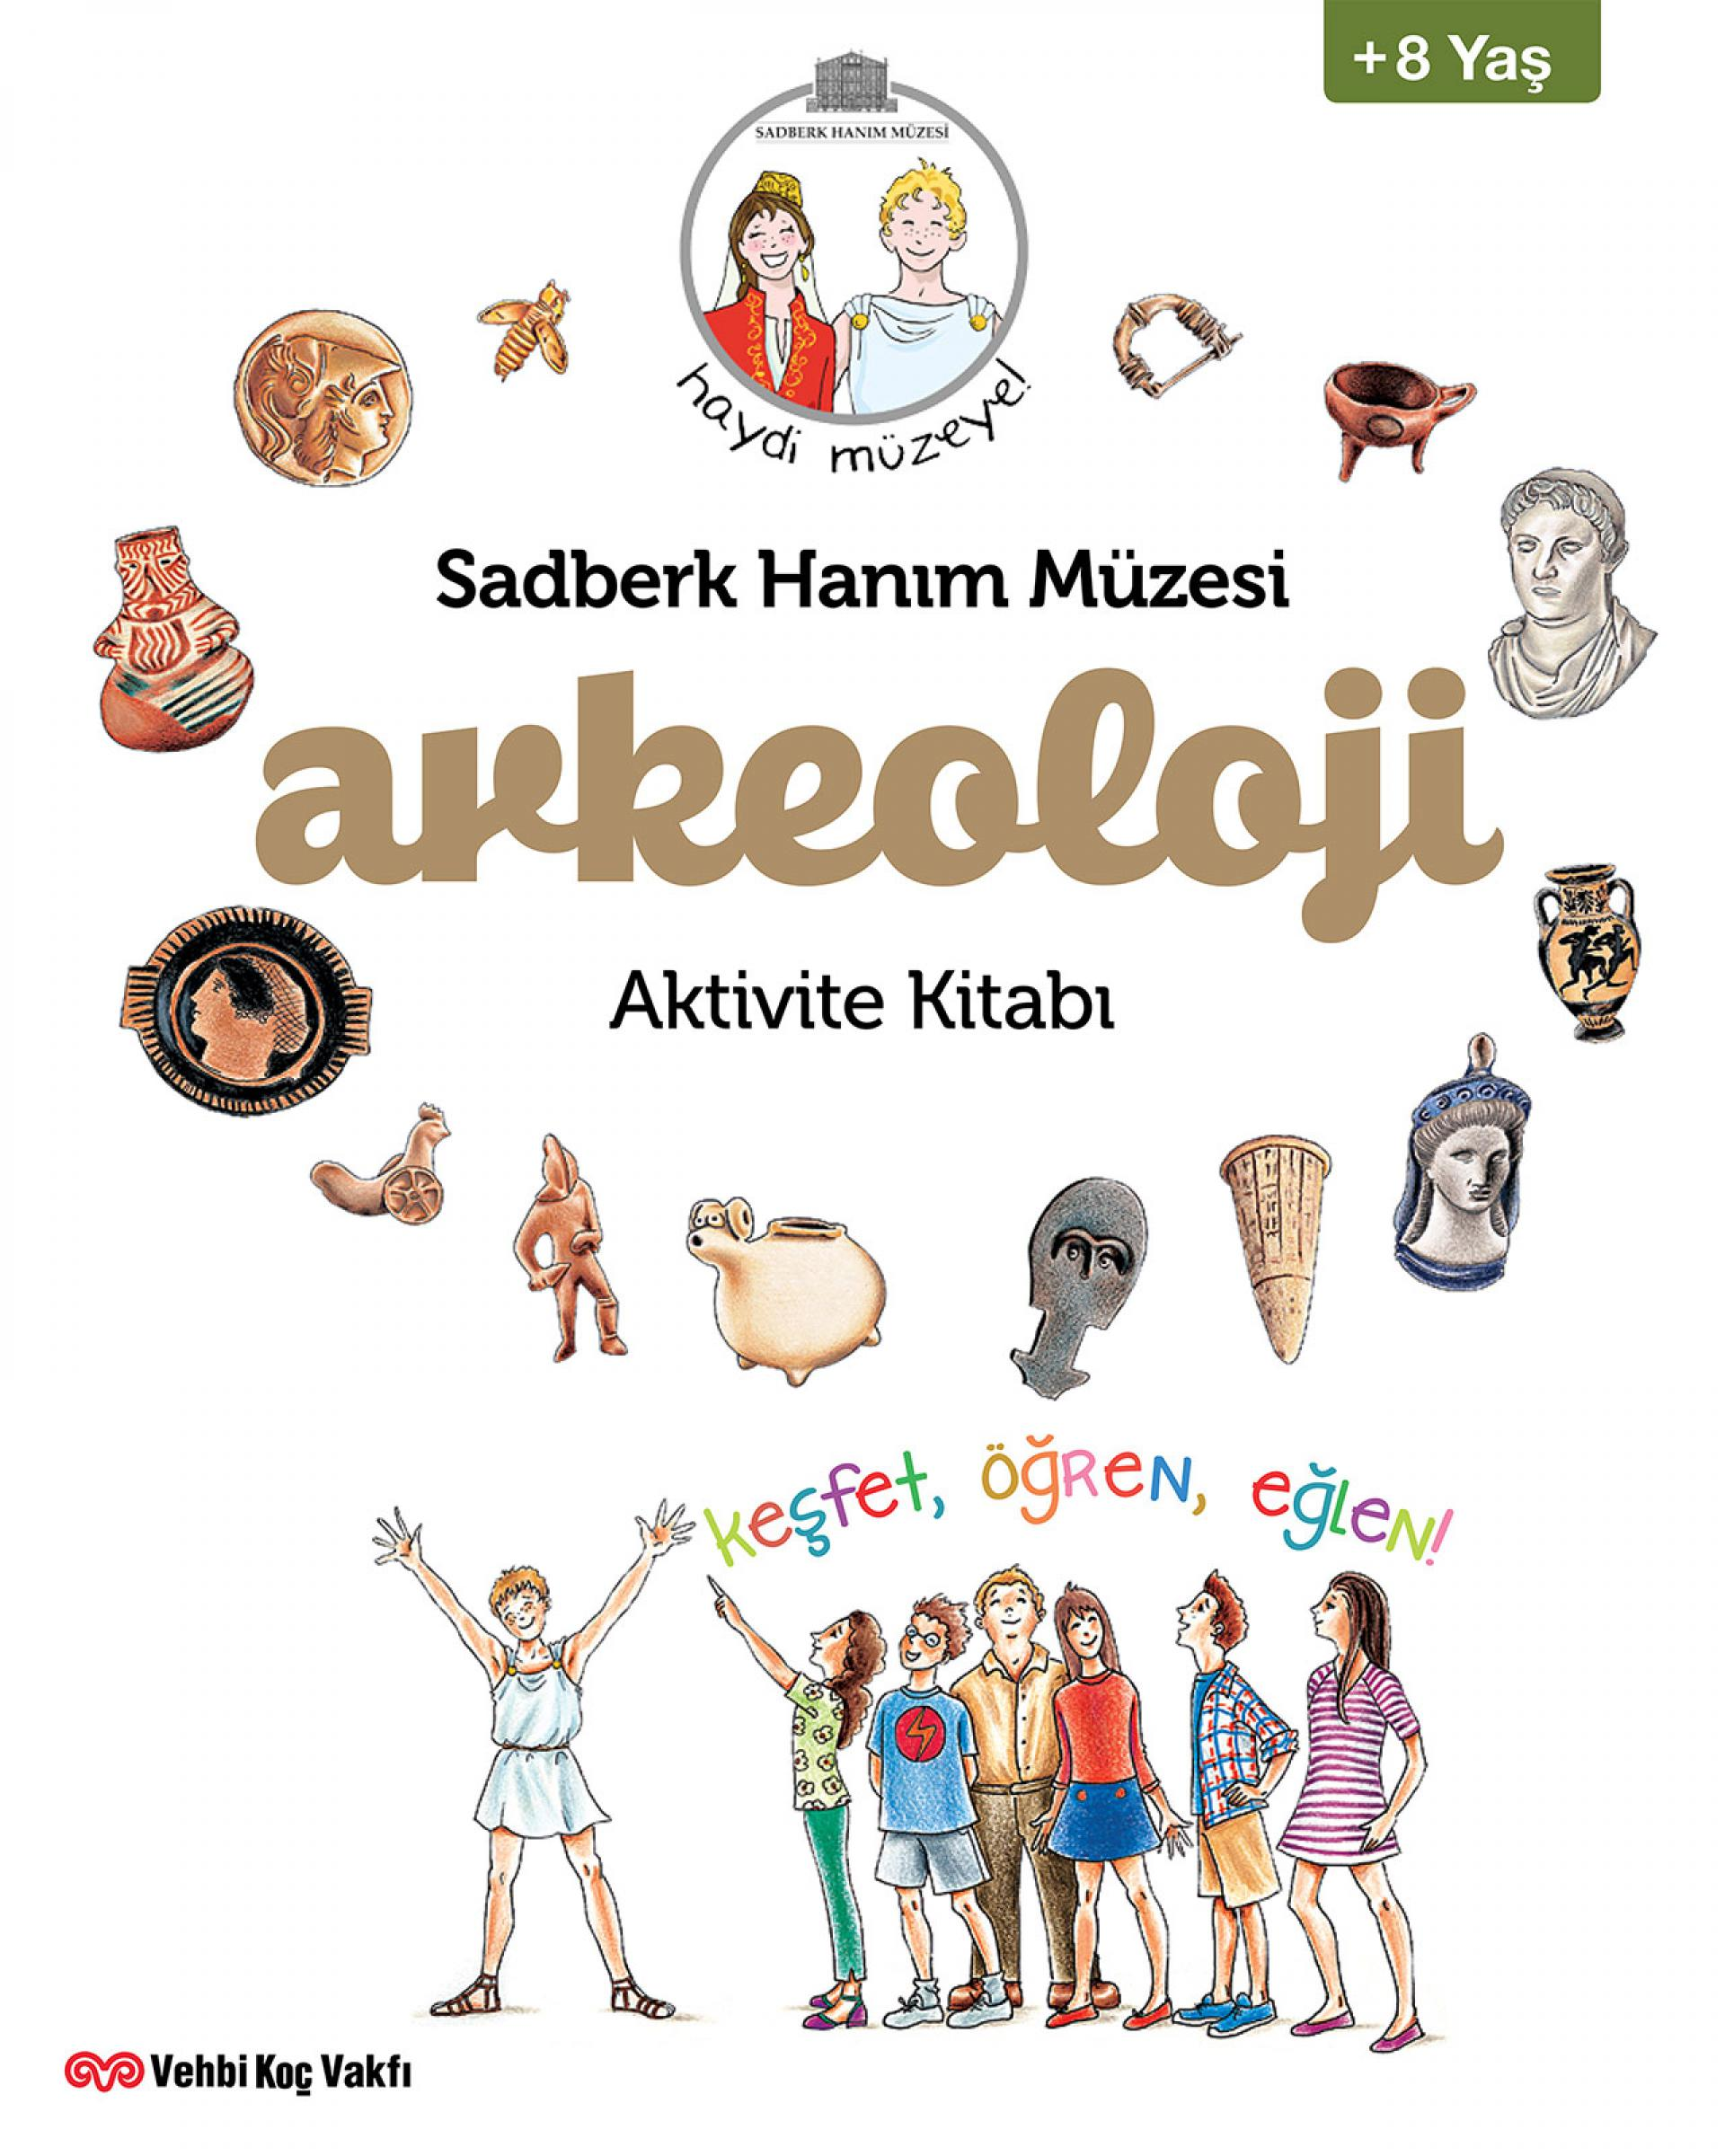 Haydi Müzeye! Arkeoloji Aktivite Kitabı - KİTAPLAR - Sadberk Hanım Müzesi